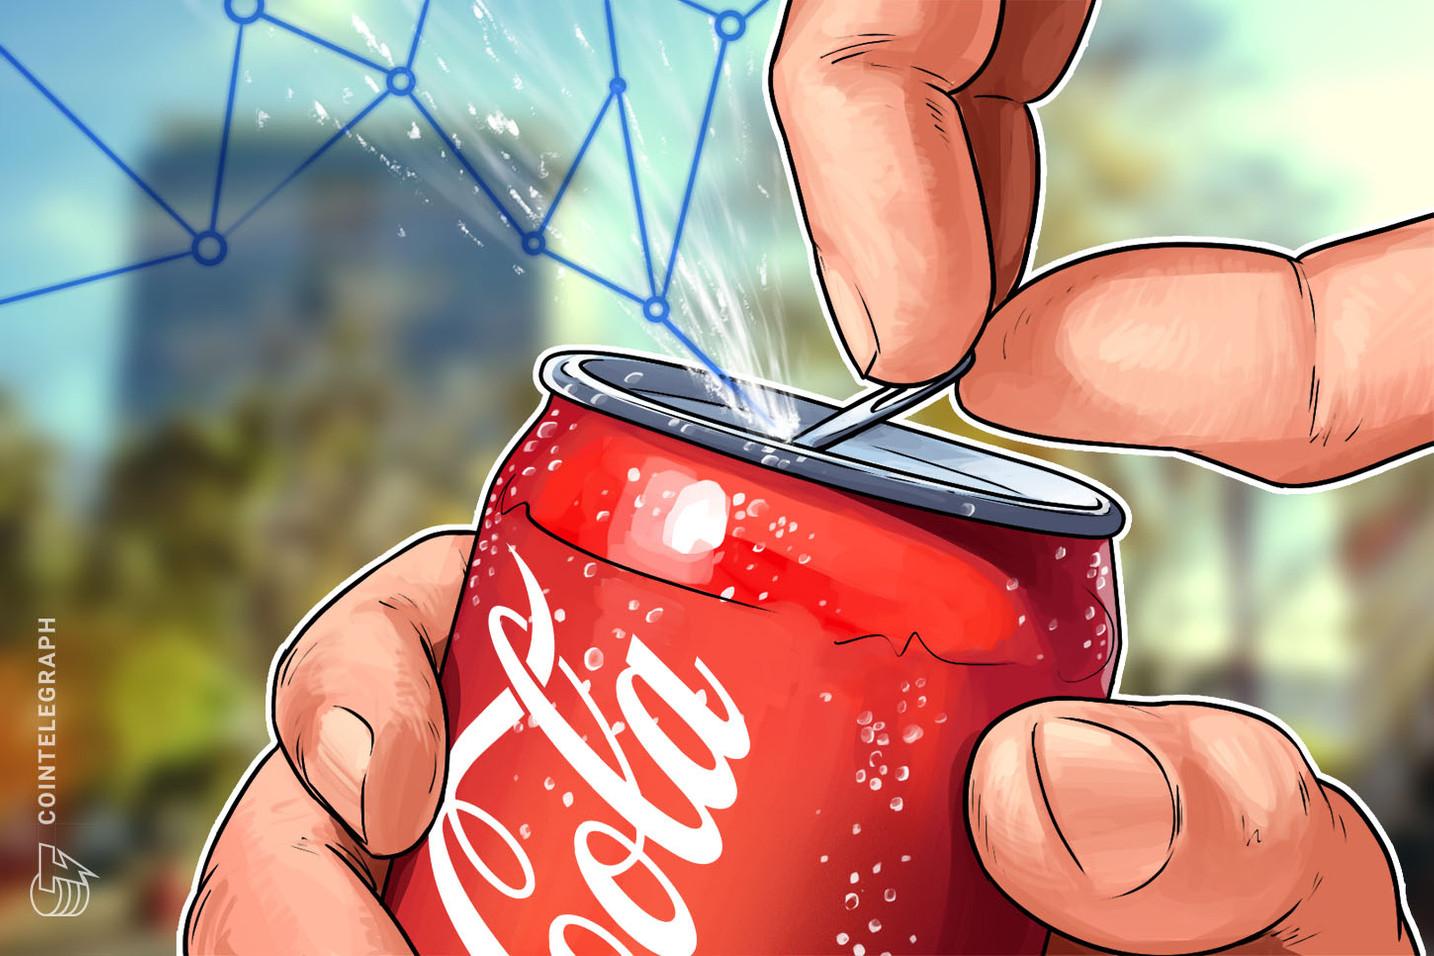 코카콜라, 연매출 210억 달러규모의  병입 회사 네트워크에서 블록체인 기술 사용